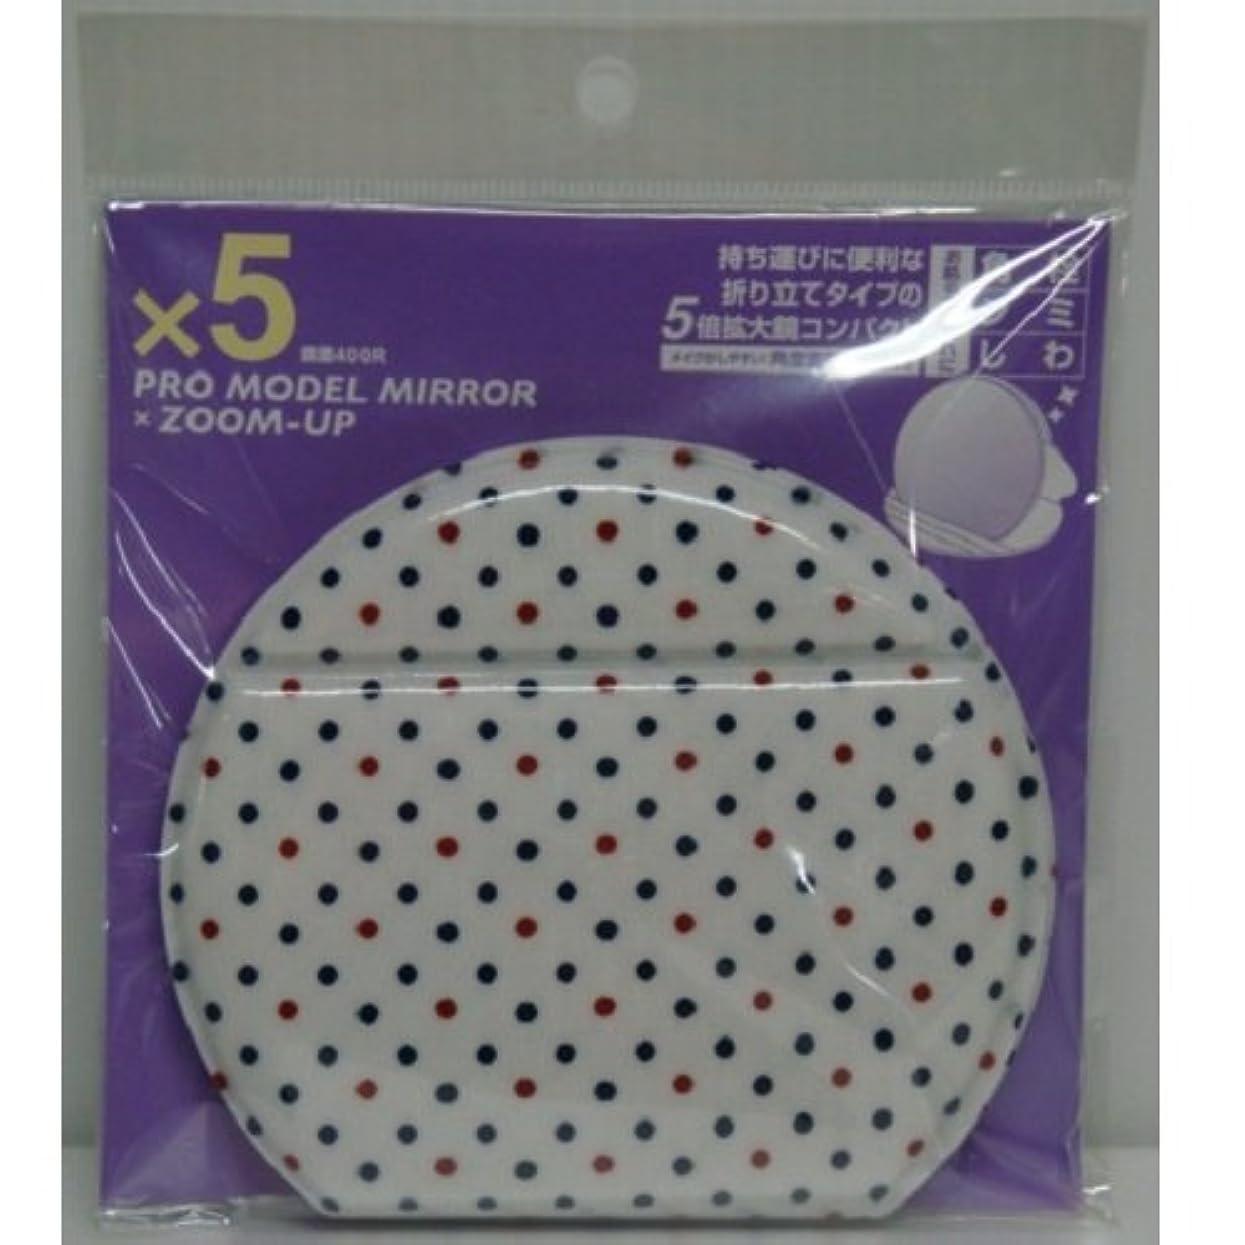 圧縮圧縮音声学プロモデル折立ミラー ×5倍 ドット?HP-05D